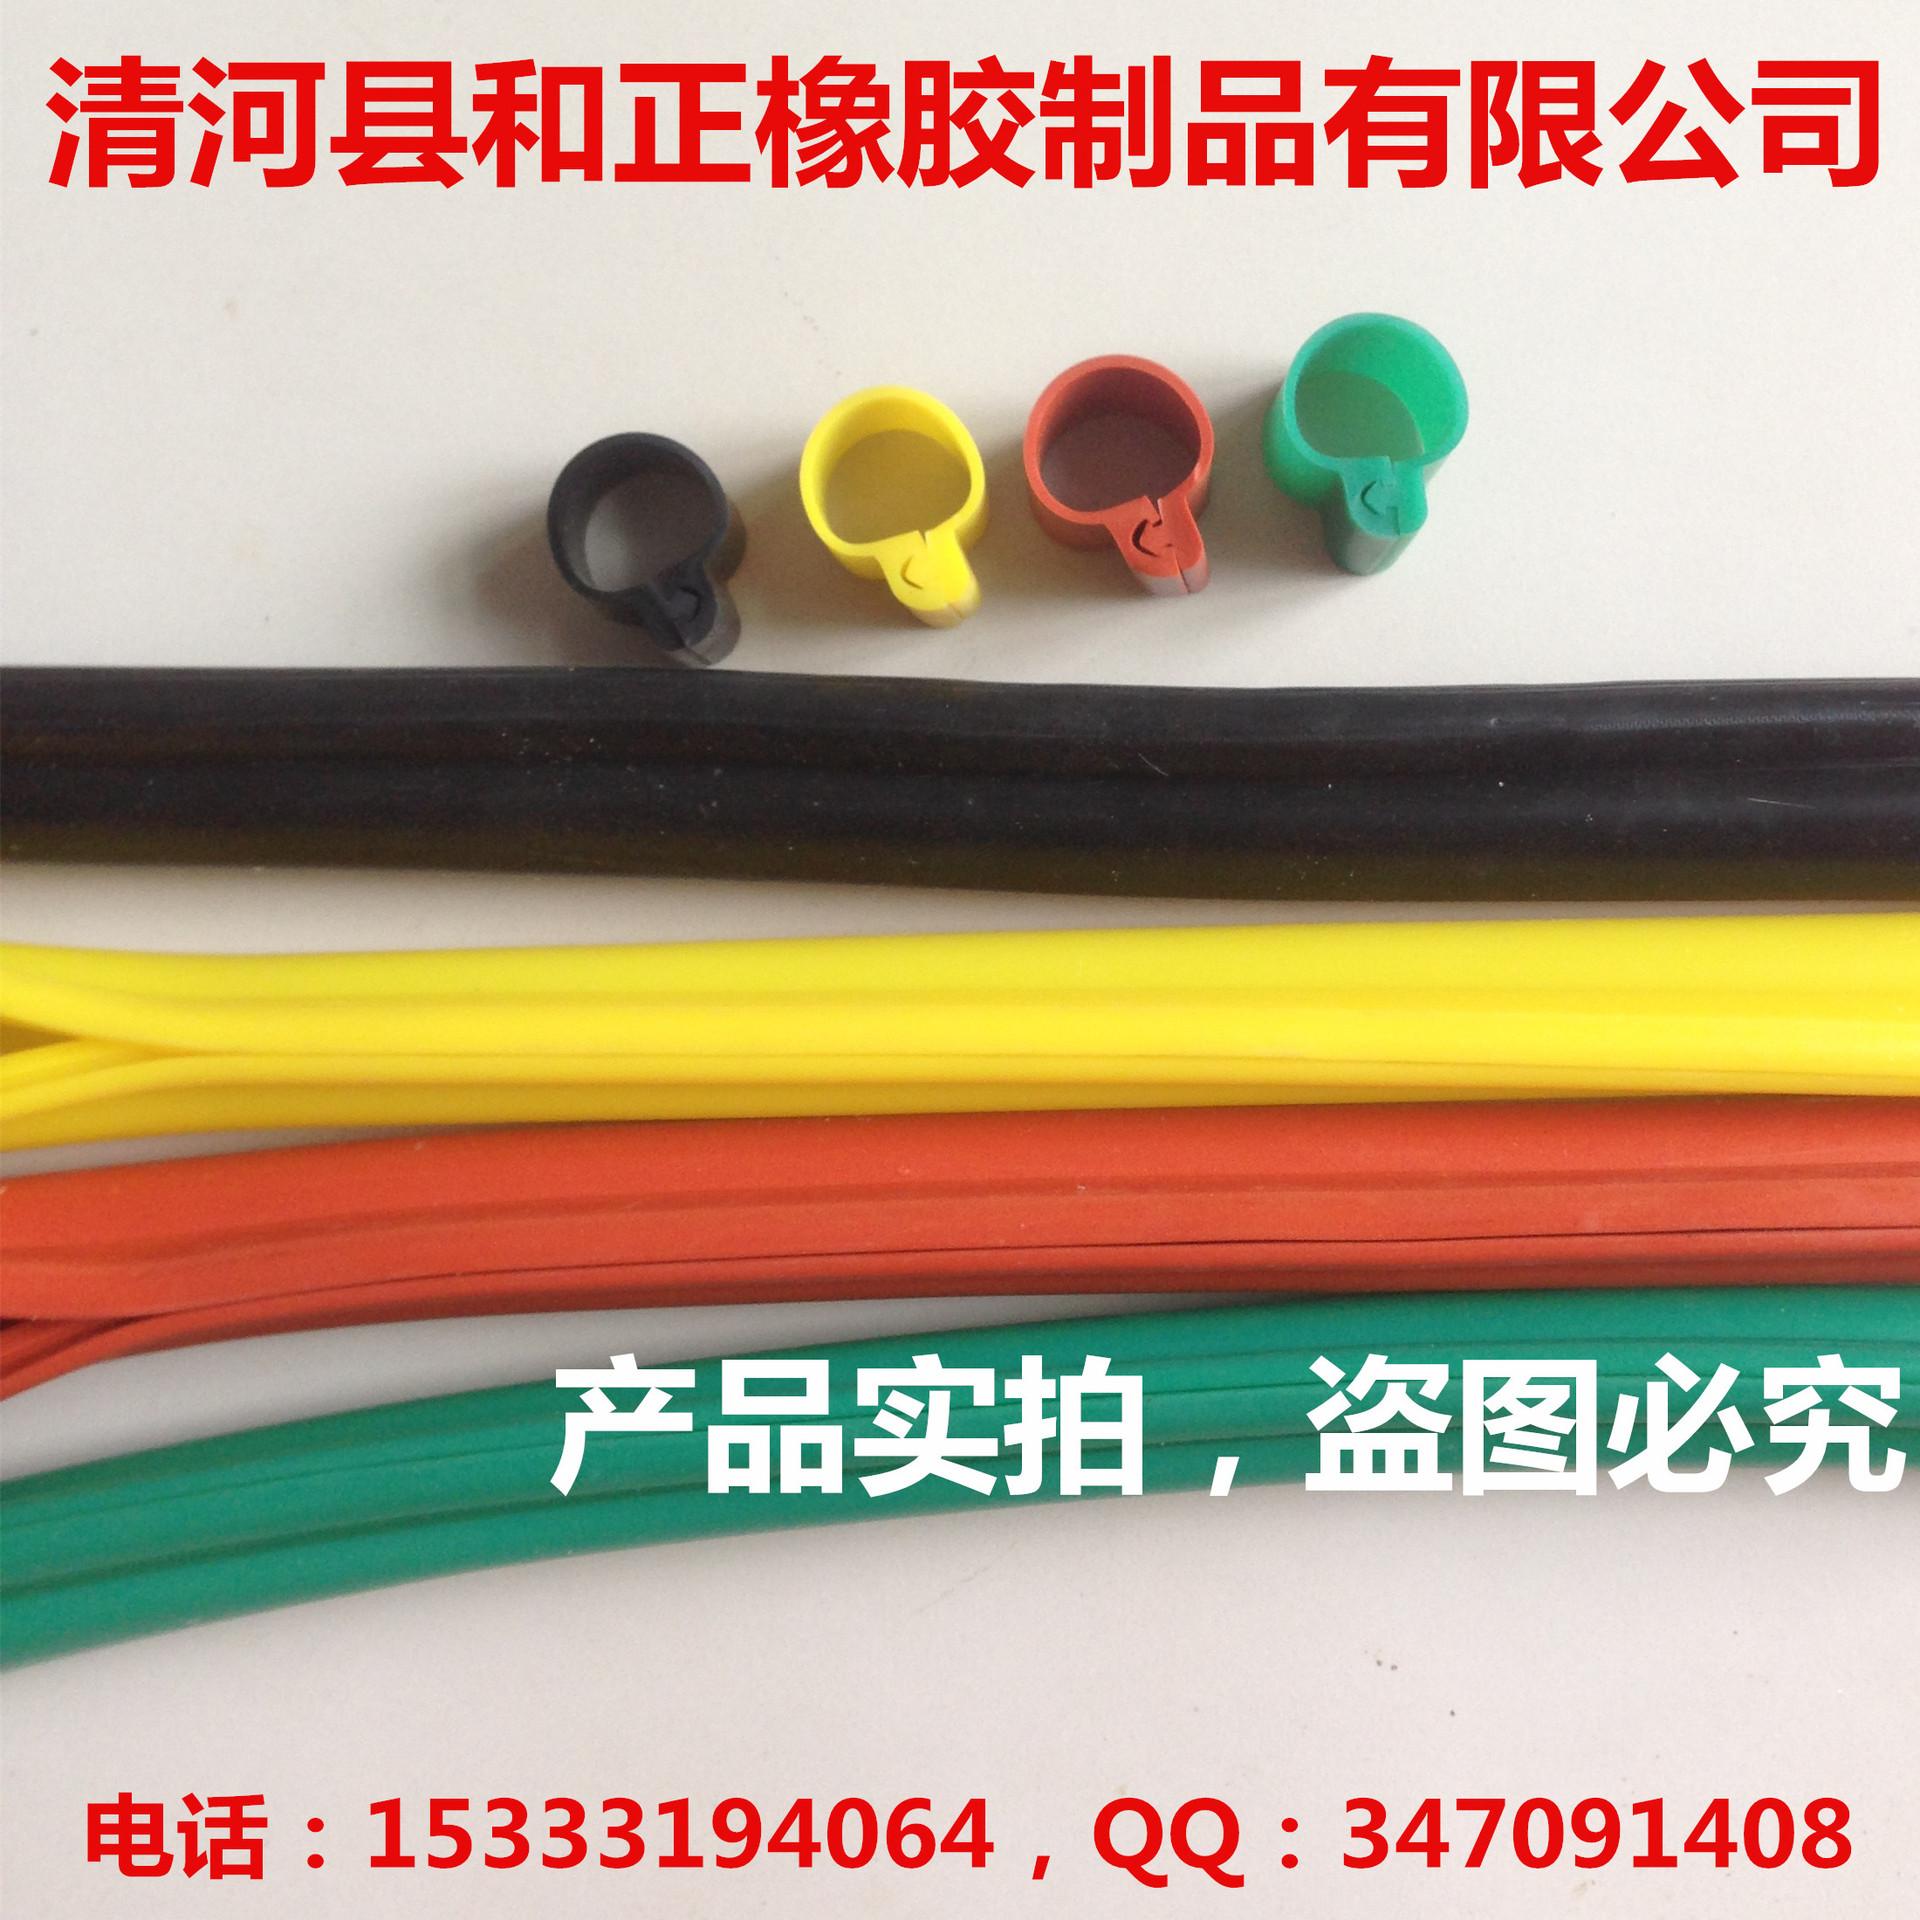 卡扣式绝缘套管 彩色高压绝缘裸线保护套 电缆电线硅胶管